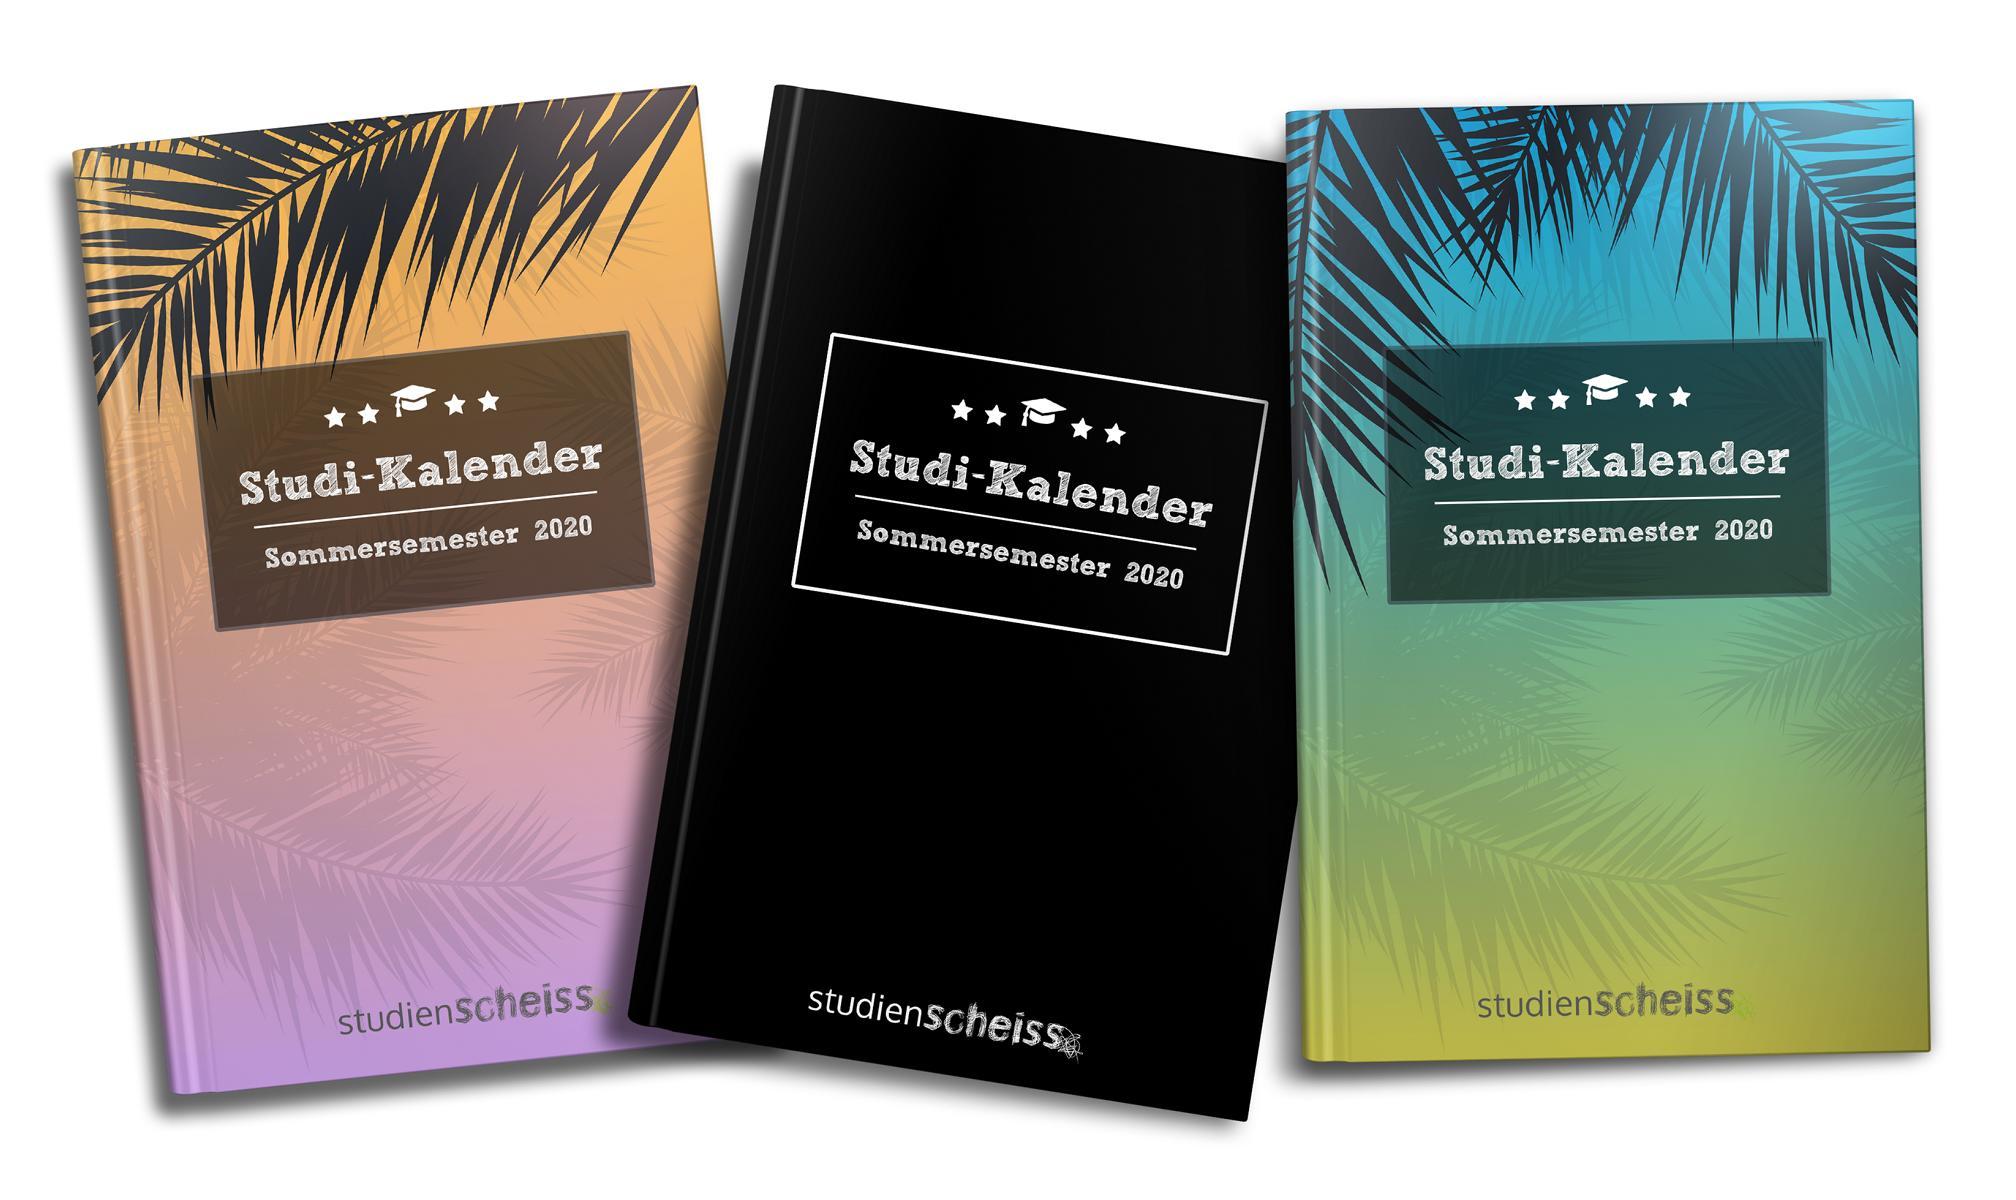 Studi-Kalender - Sommersemester 2020: Softcover-Ansicht alle Varianten